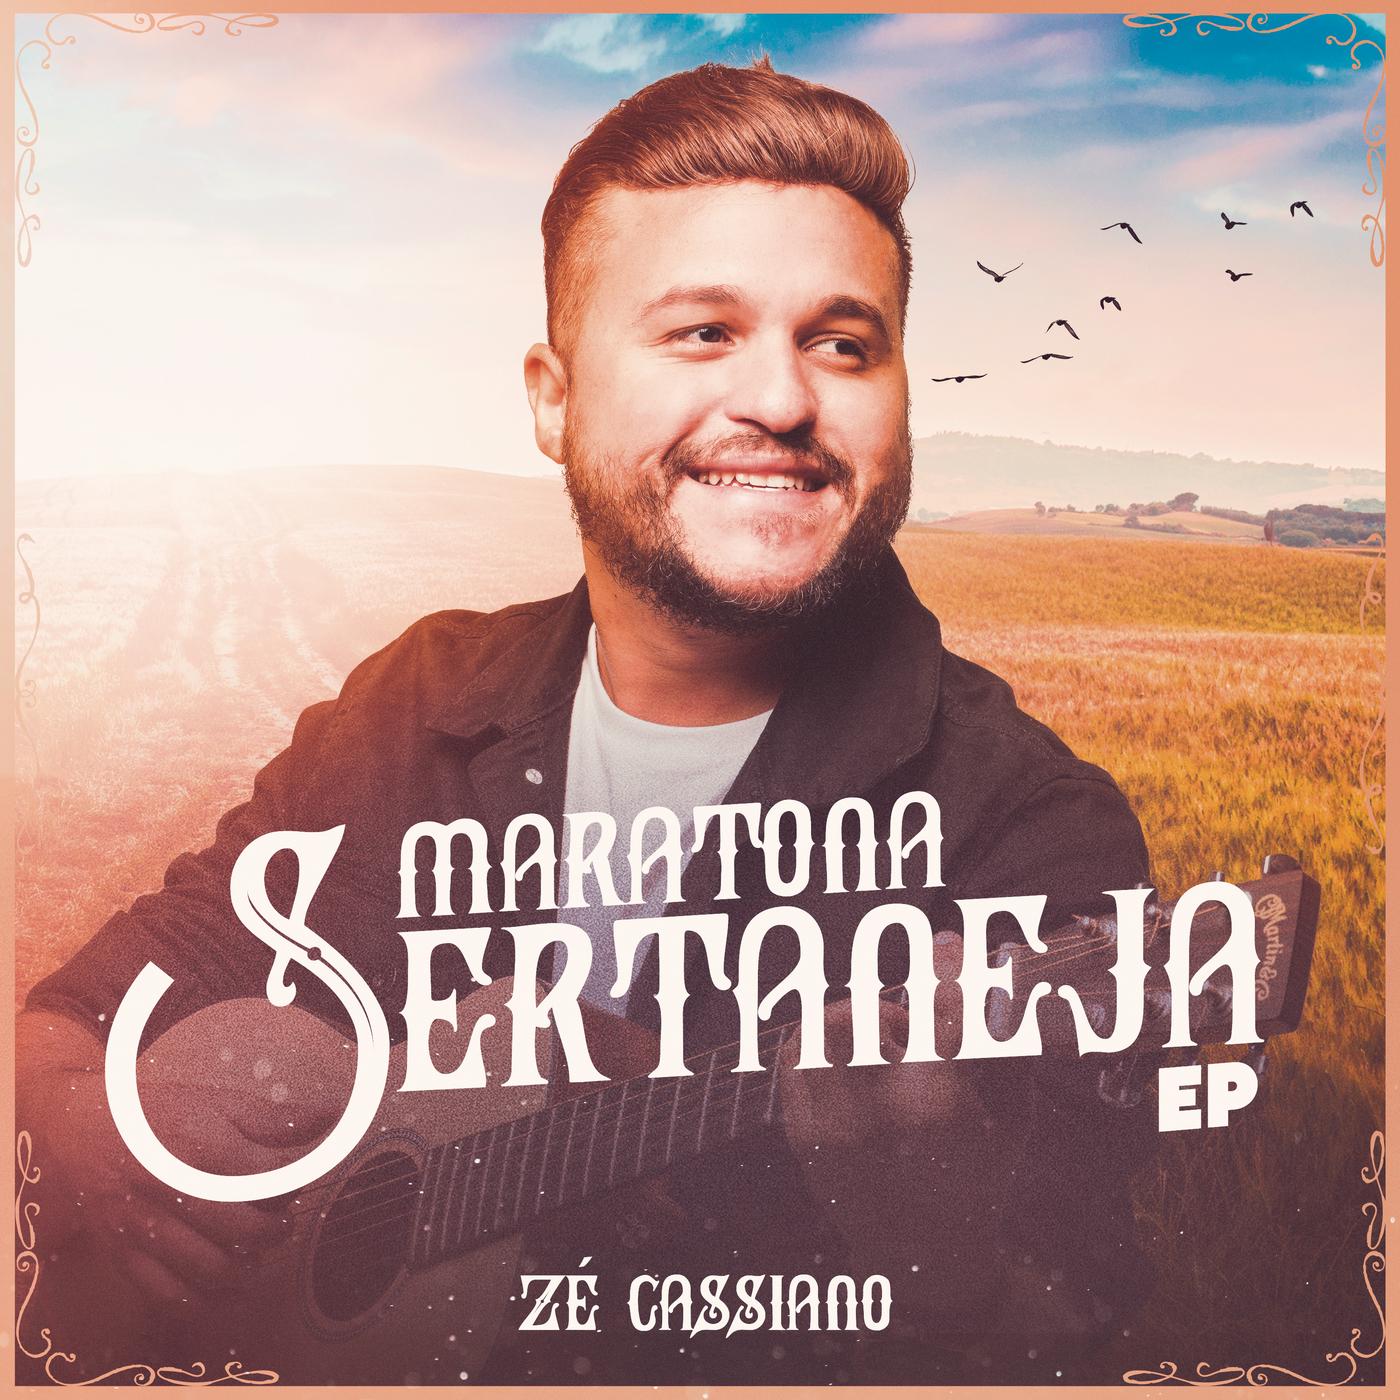 Maratona Sertaneja - Zé Cassiano